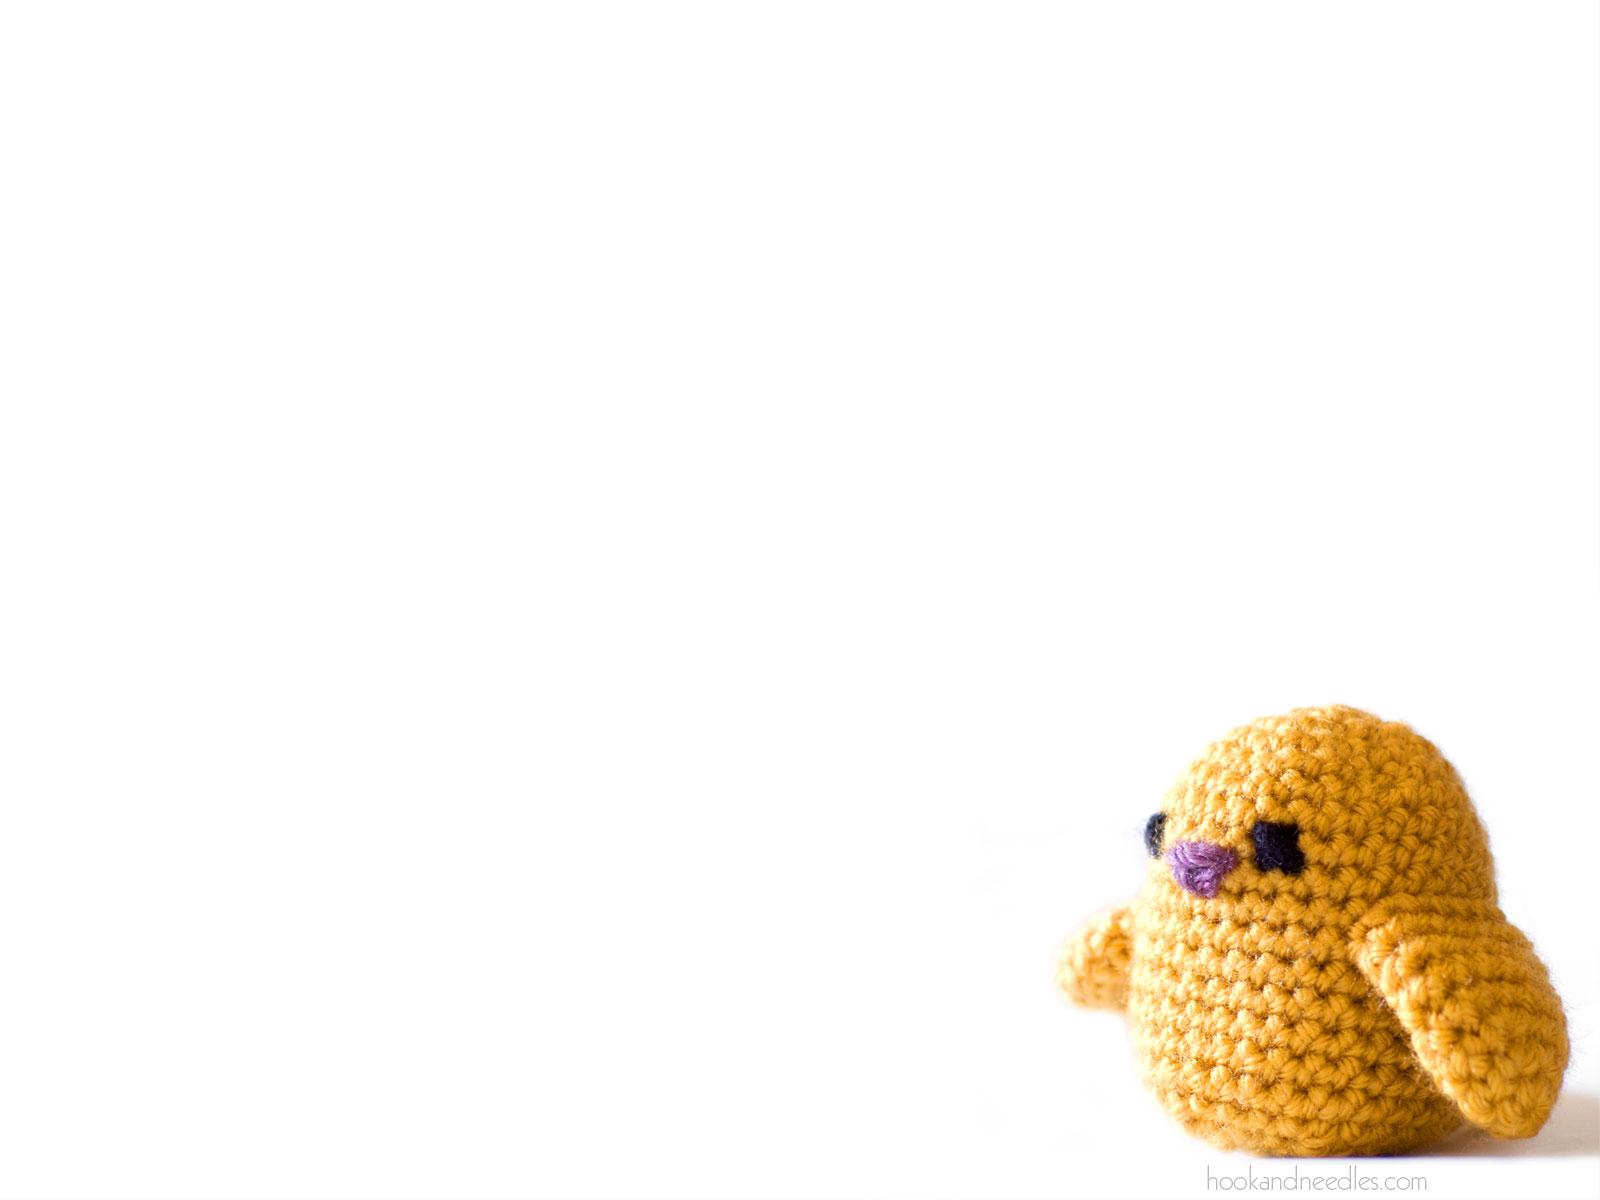 Knitting Wallpaper Desktop : Birdies amigurumi desktop wallpaper hook and needles